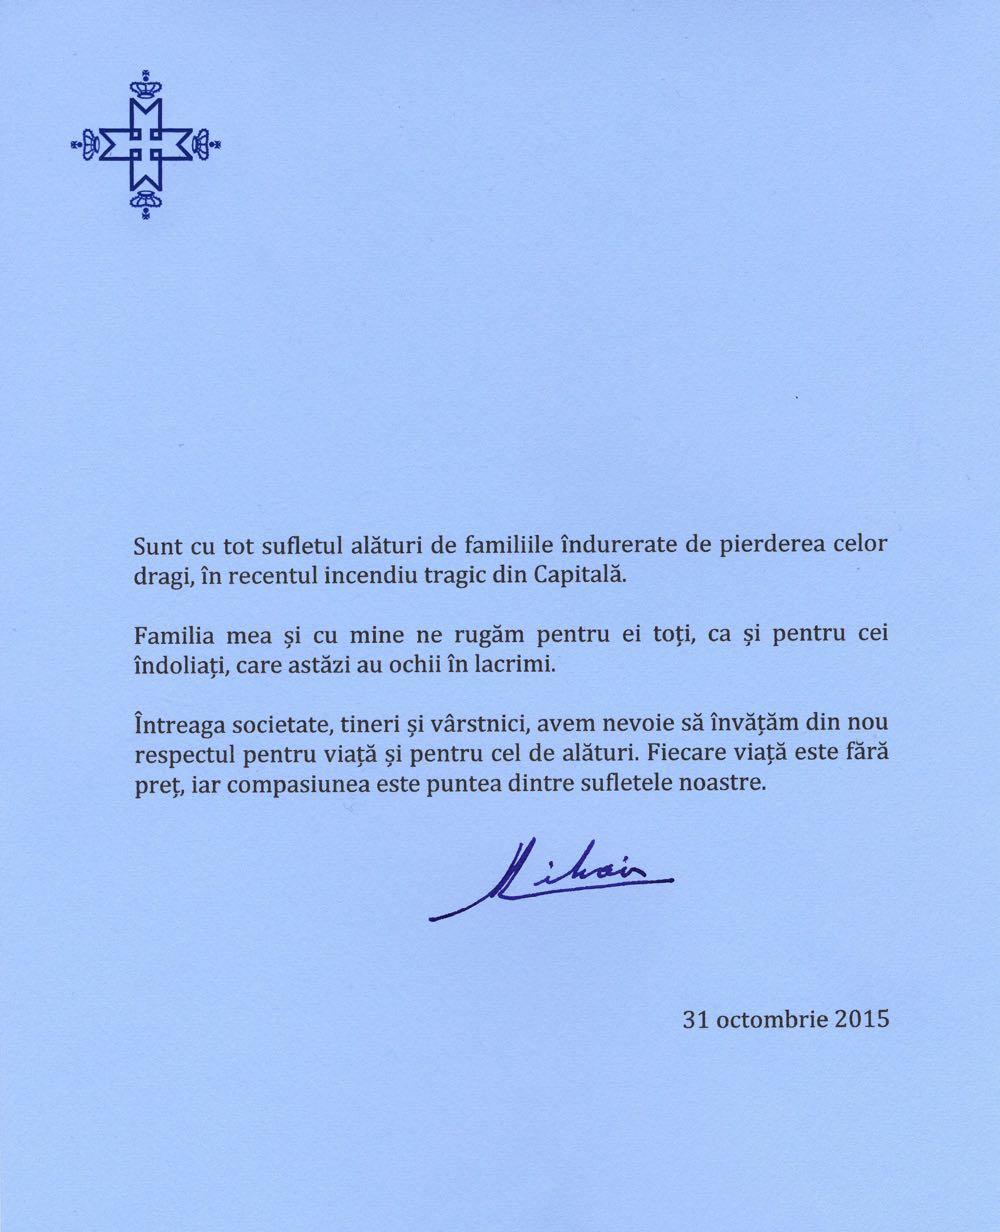 Mesajul Regelui Mihai, 31 octombrie 2015